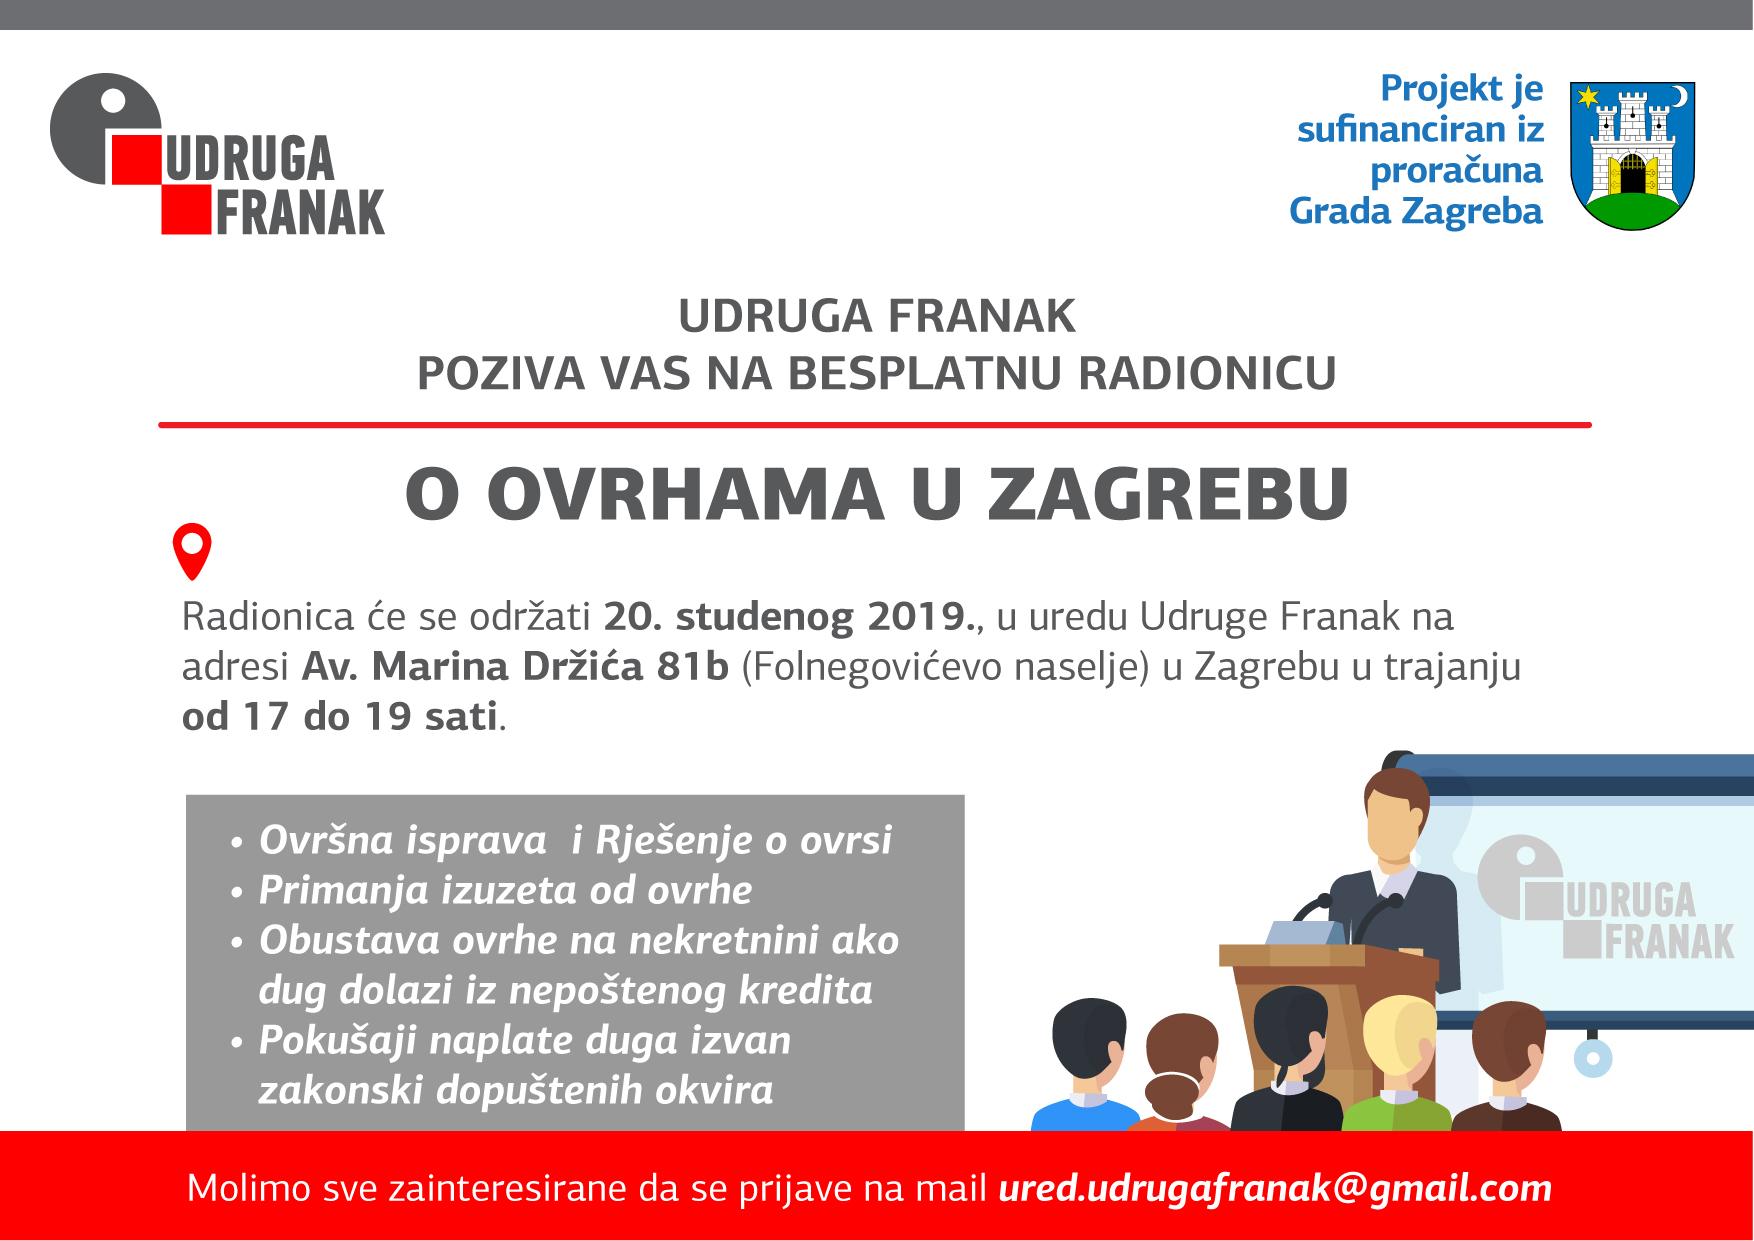 POZIV NA BESPLATNU RADIONICU O OVRHAMA U ZAGREBU 20.11.2019.